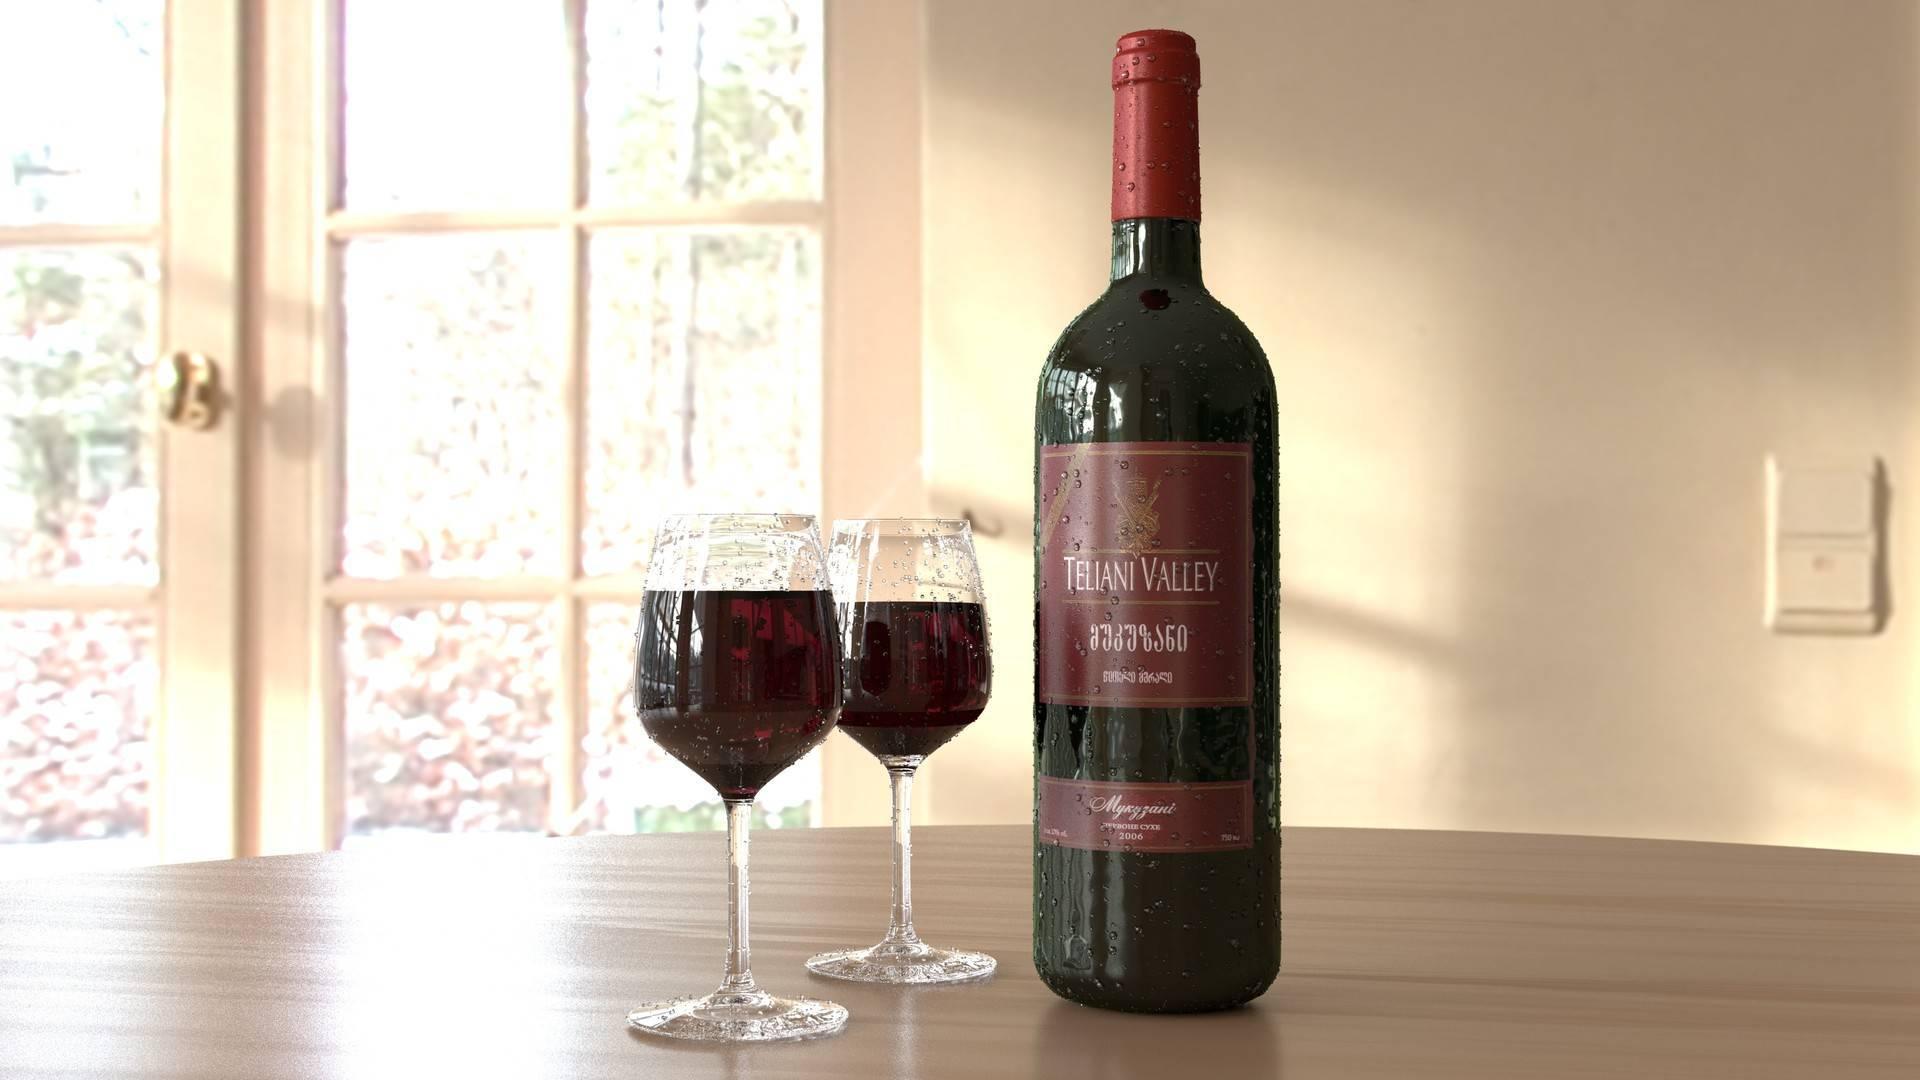 Вино мукузани – остория напитка из грузии + видео | наливали